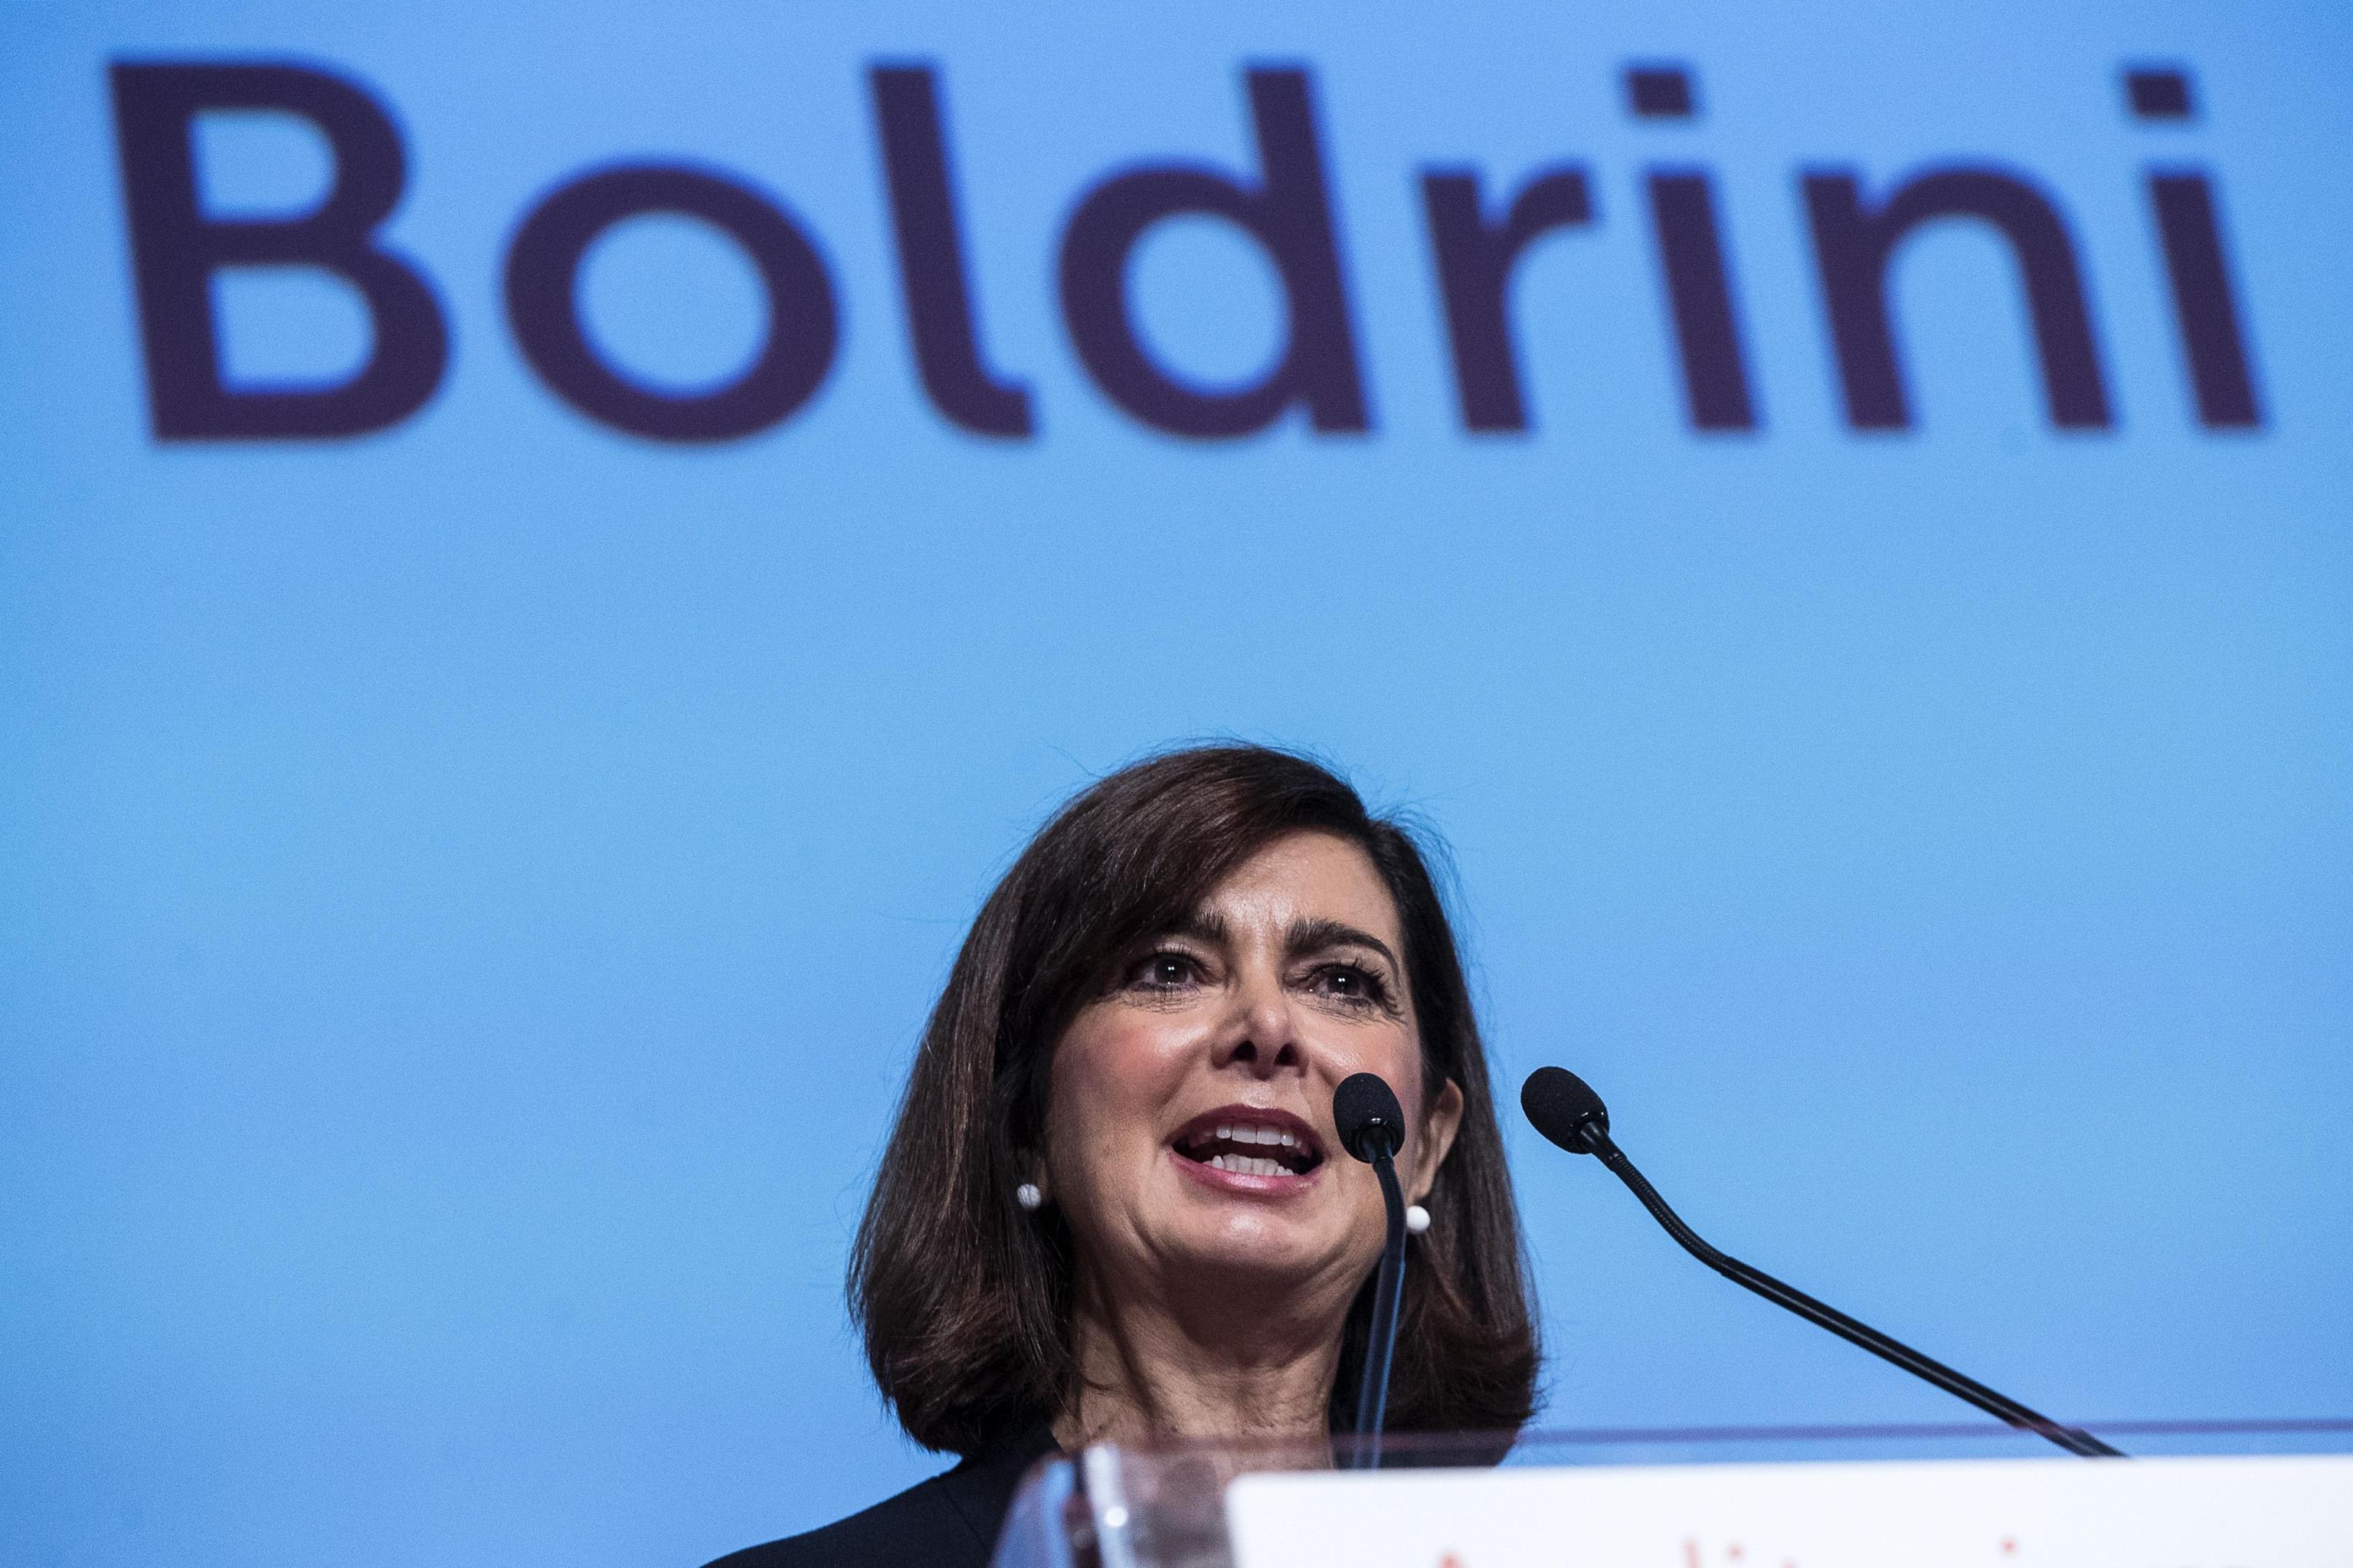 Boldrini, no condizioni alleanza con Pd